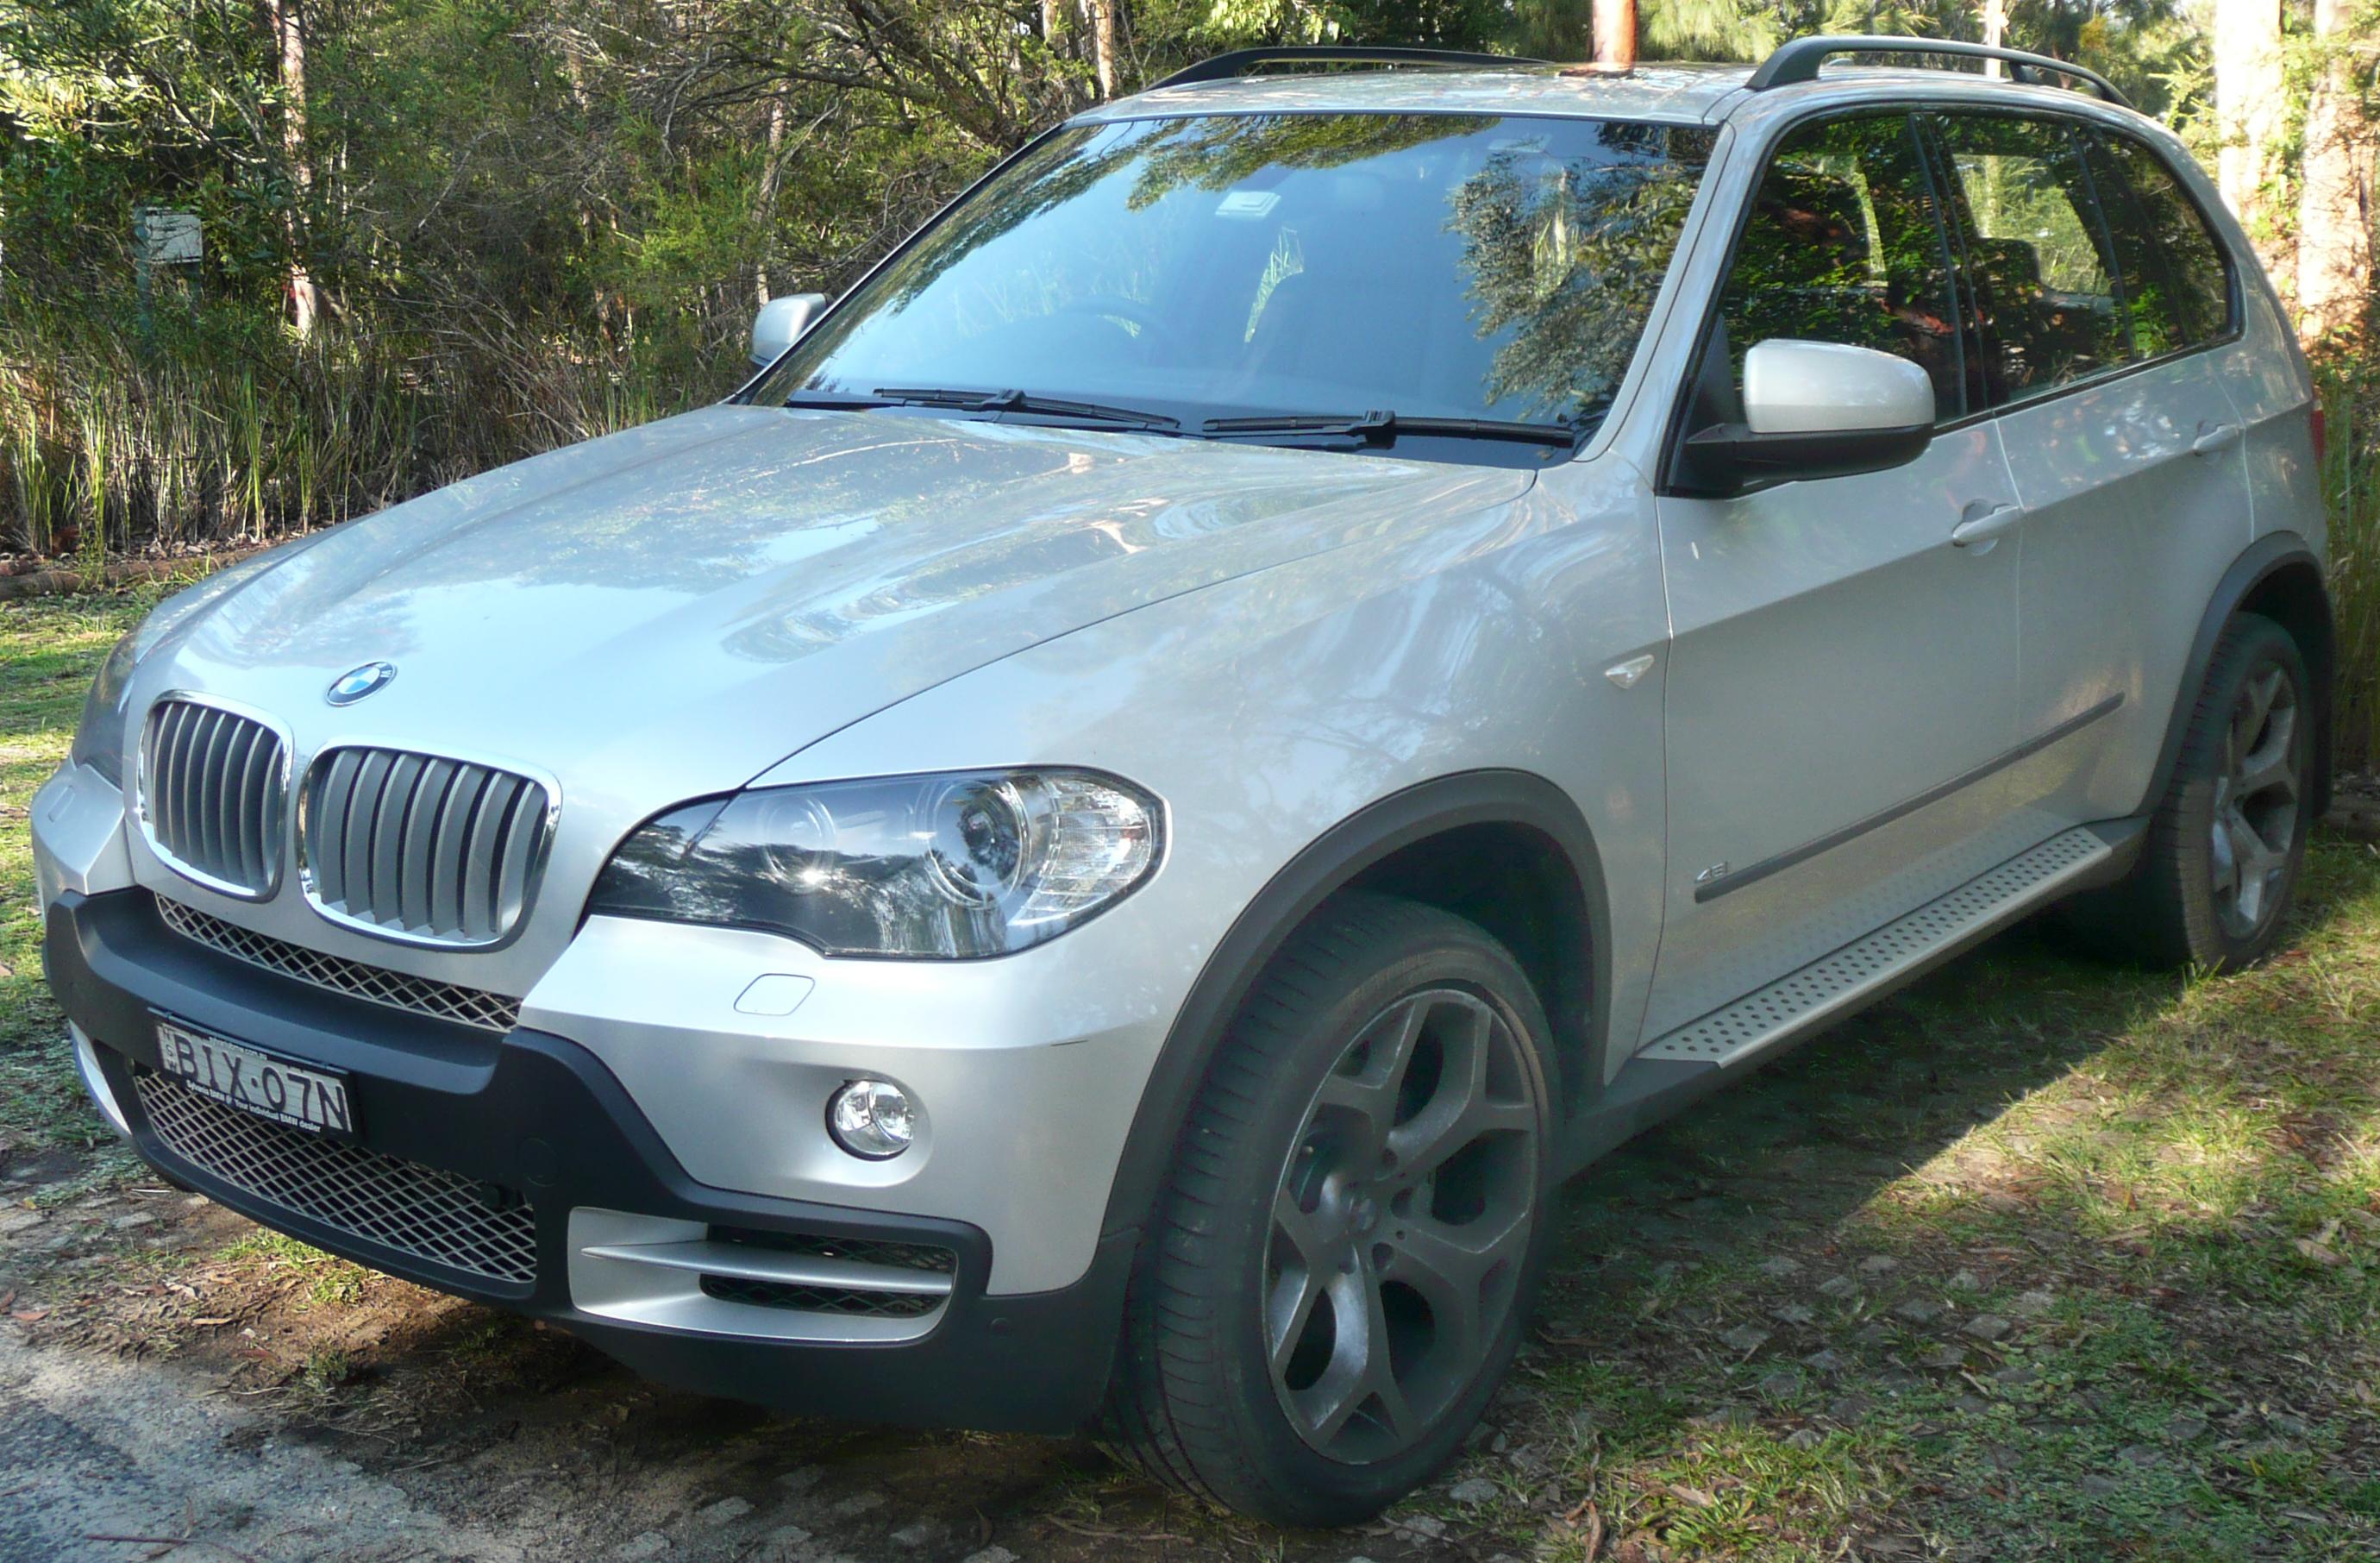 File BMW X E I Jpg Wikimedia Commons - 2007 bmw x5 4 8i for sale